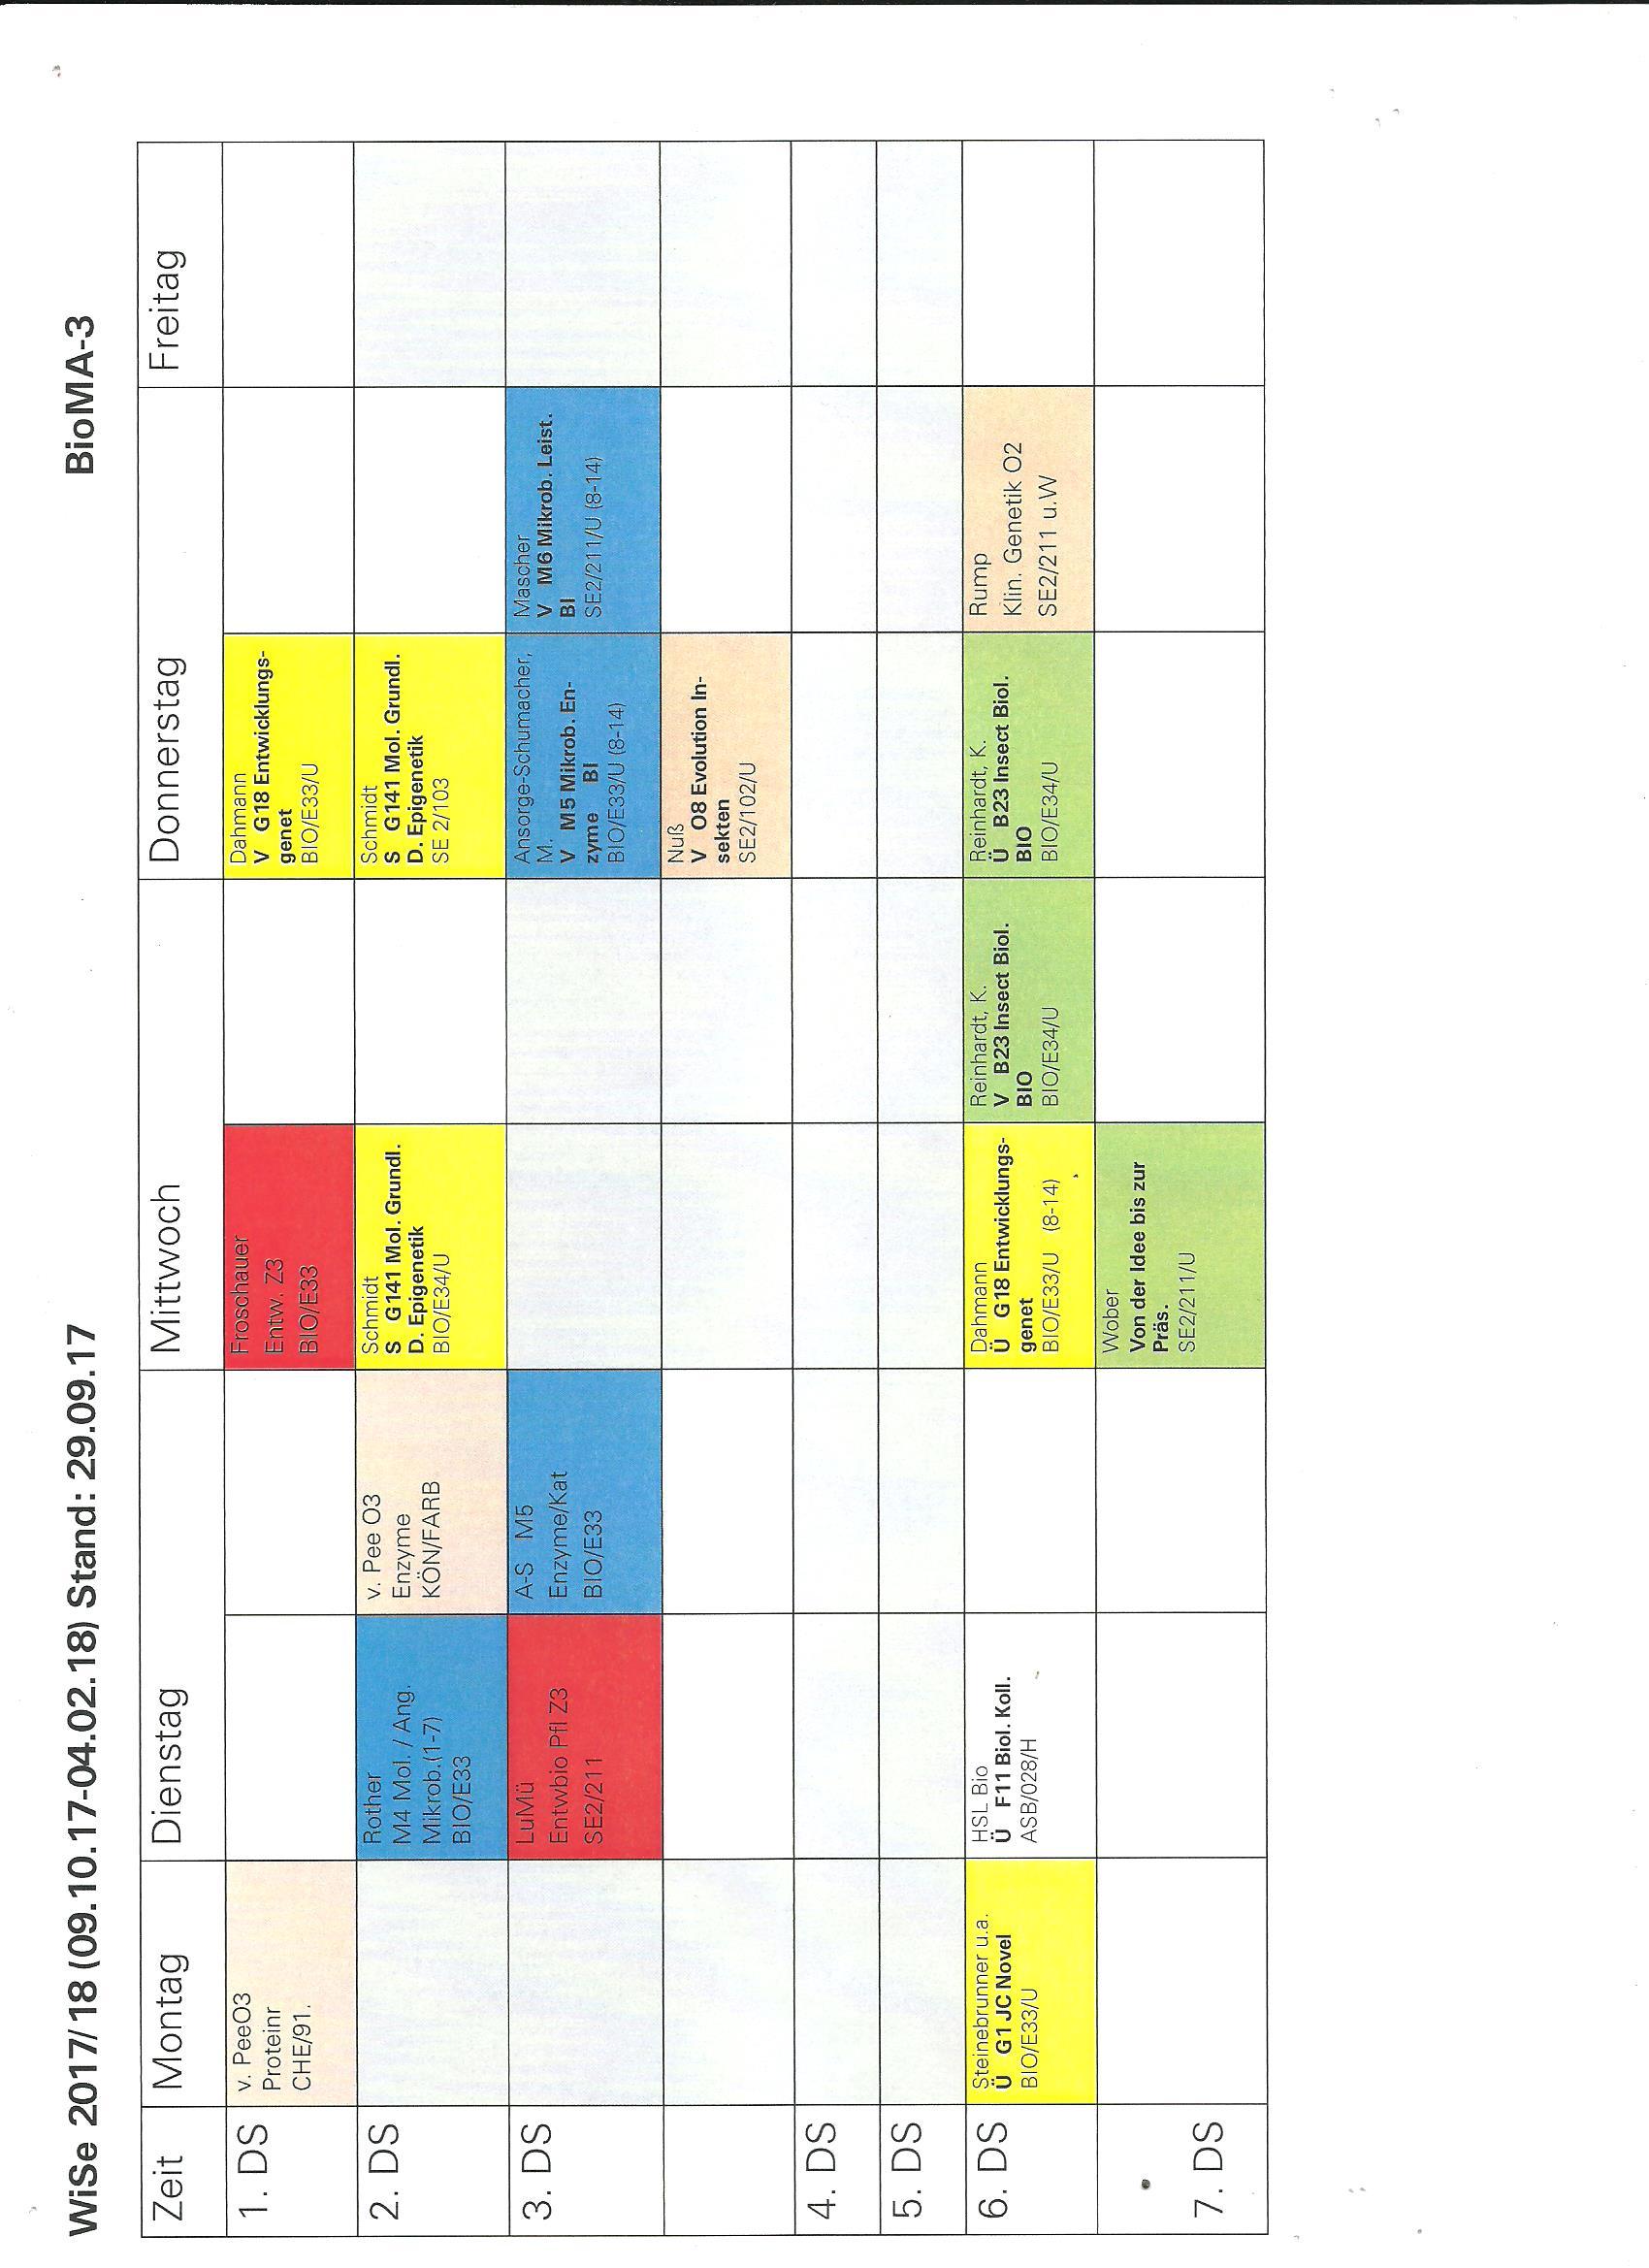 Wunderbar Semesterplan Vorlage Zeitgenössisch - Entry Level Resume ...